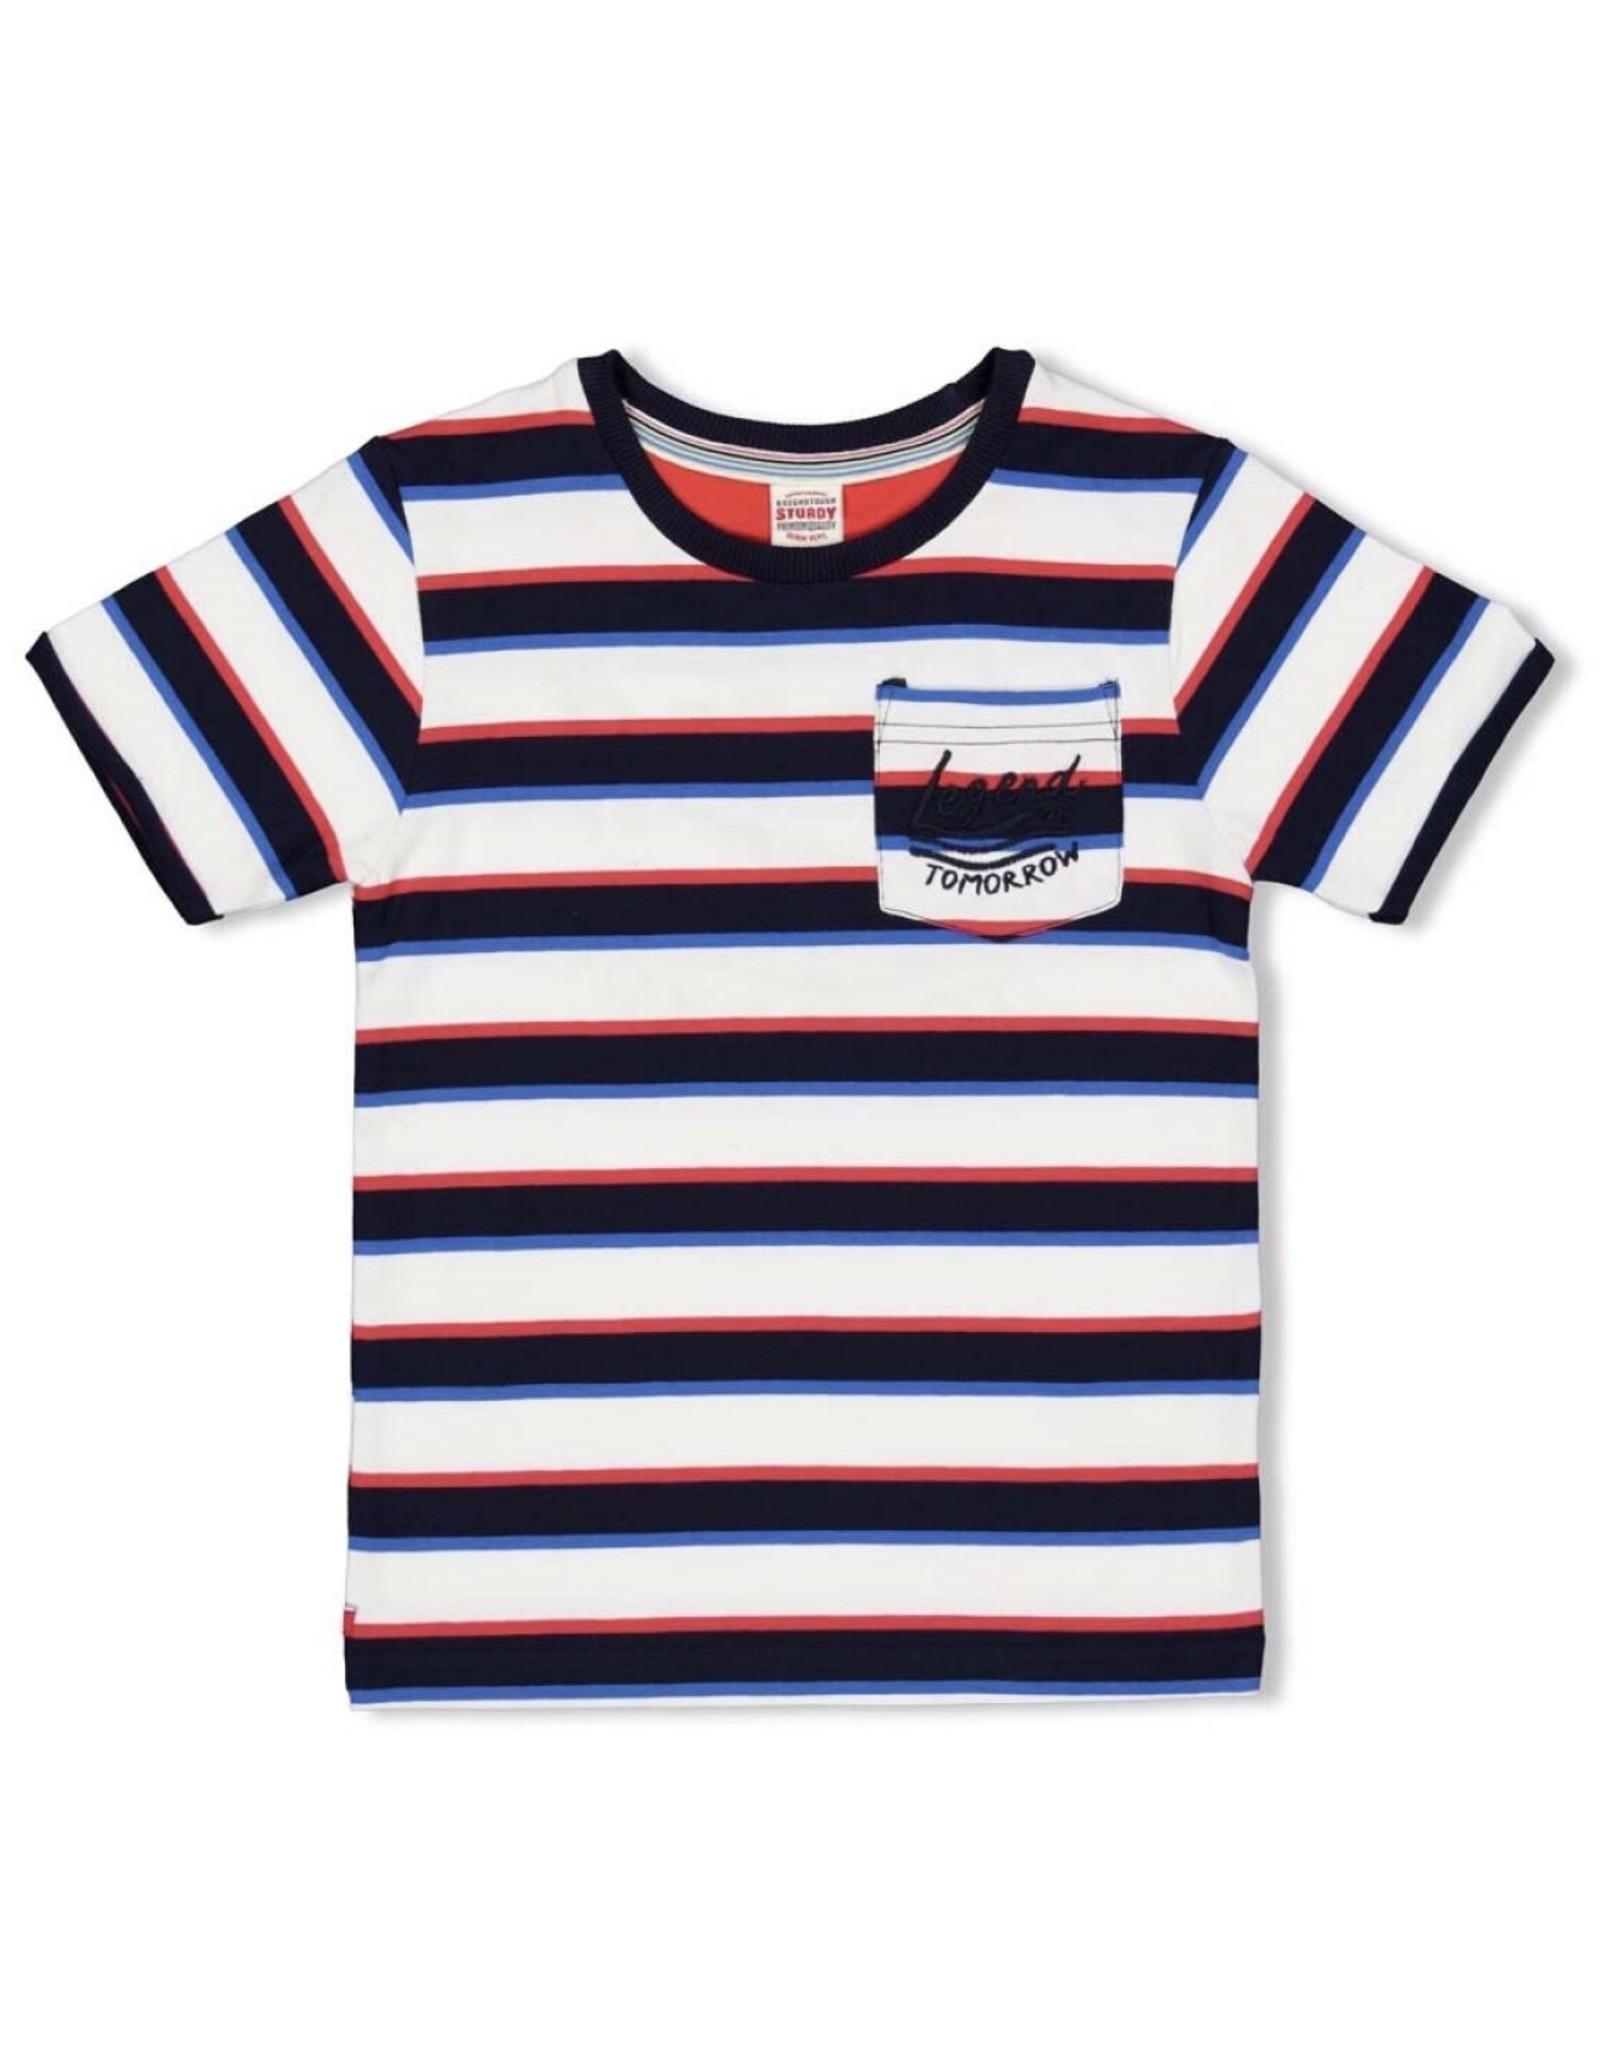 Sturdy 71700303 T-shirt